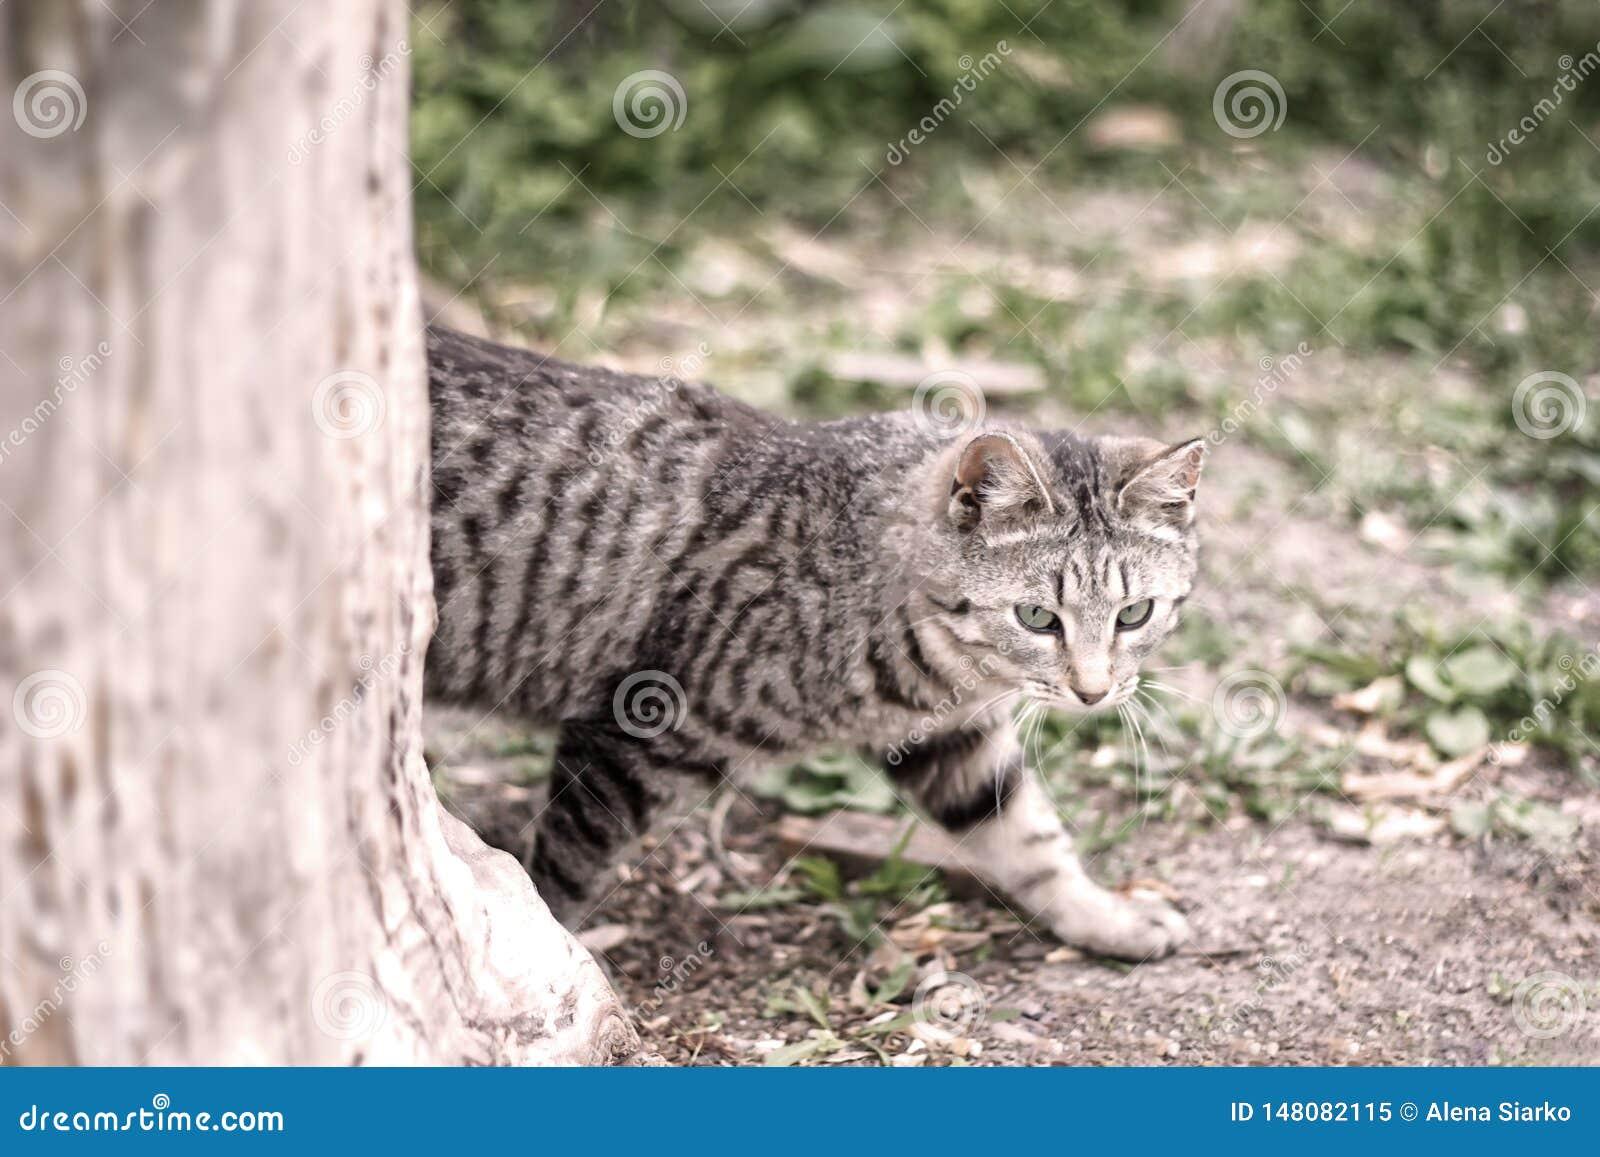 Gato gris rayado que se escabulle detrás de árbol en naturaleza en bosque verde